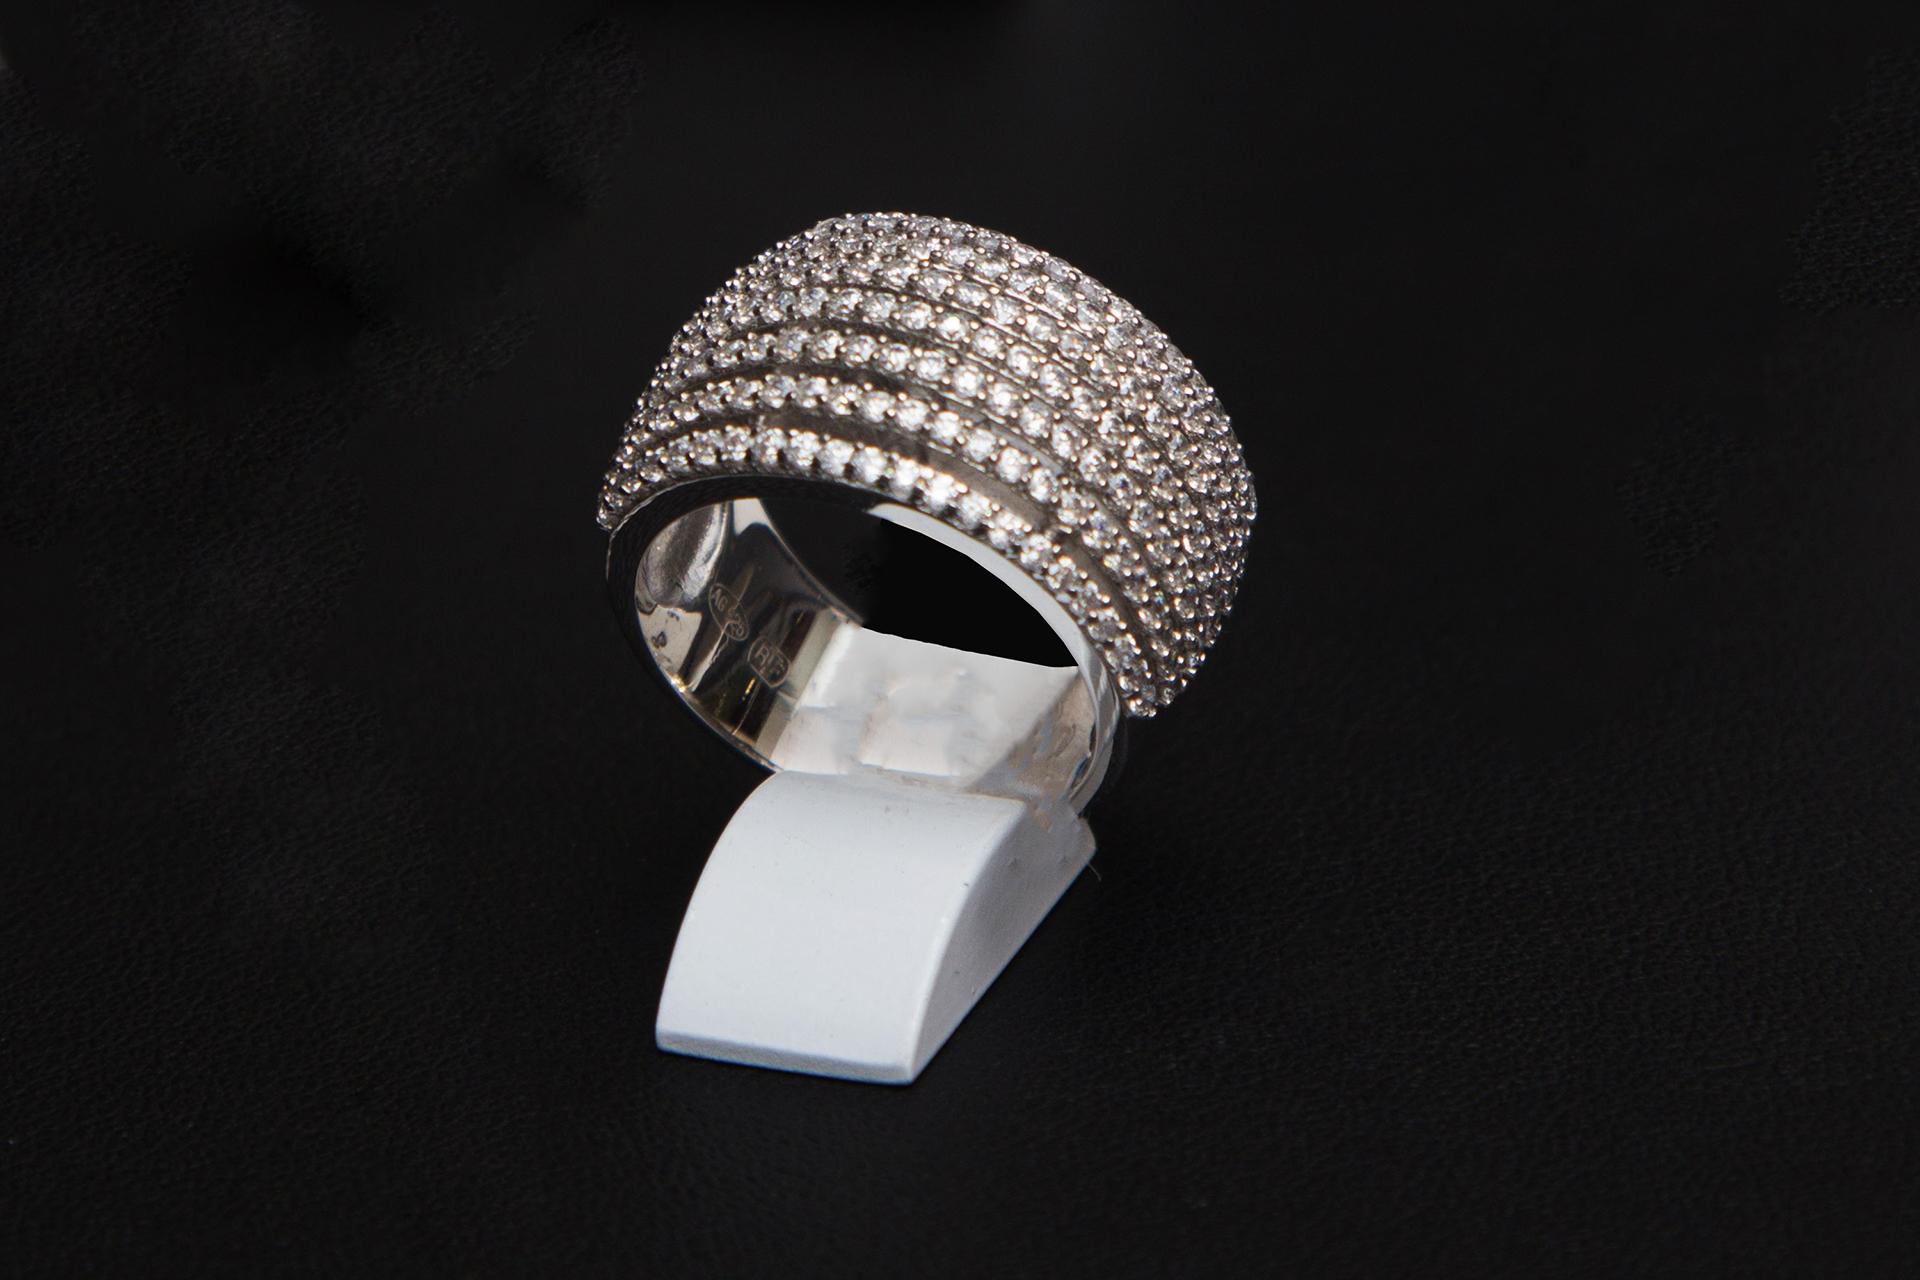 bijouterie-verneau-la-garde-idee-cadeau-toulon-var-or-argent